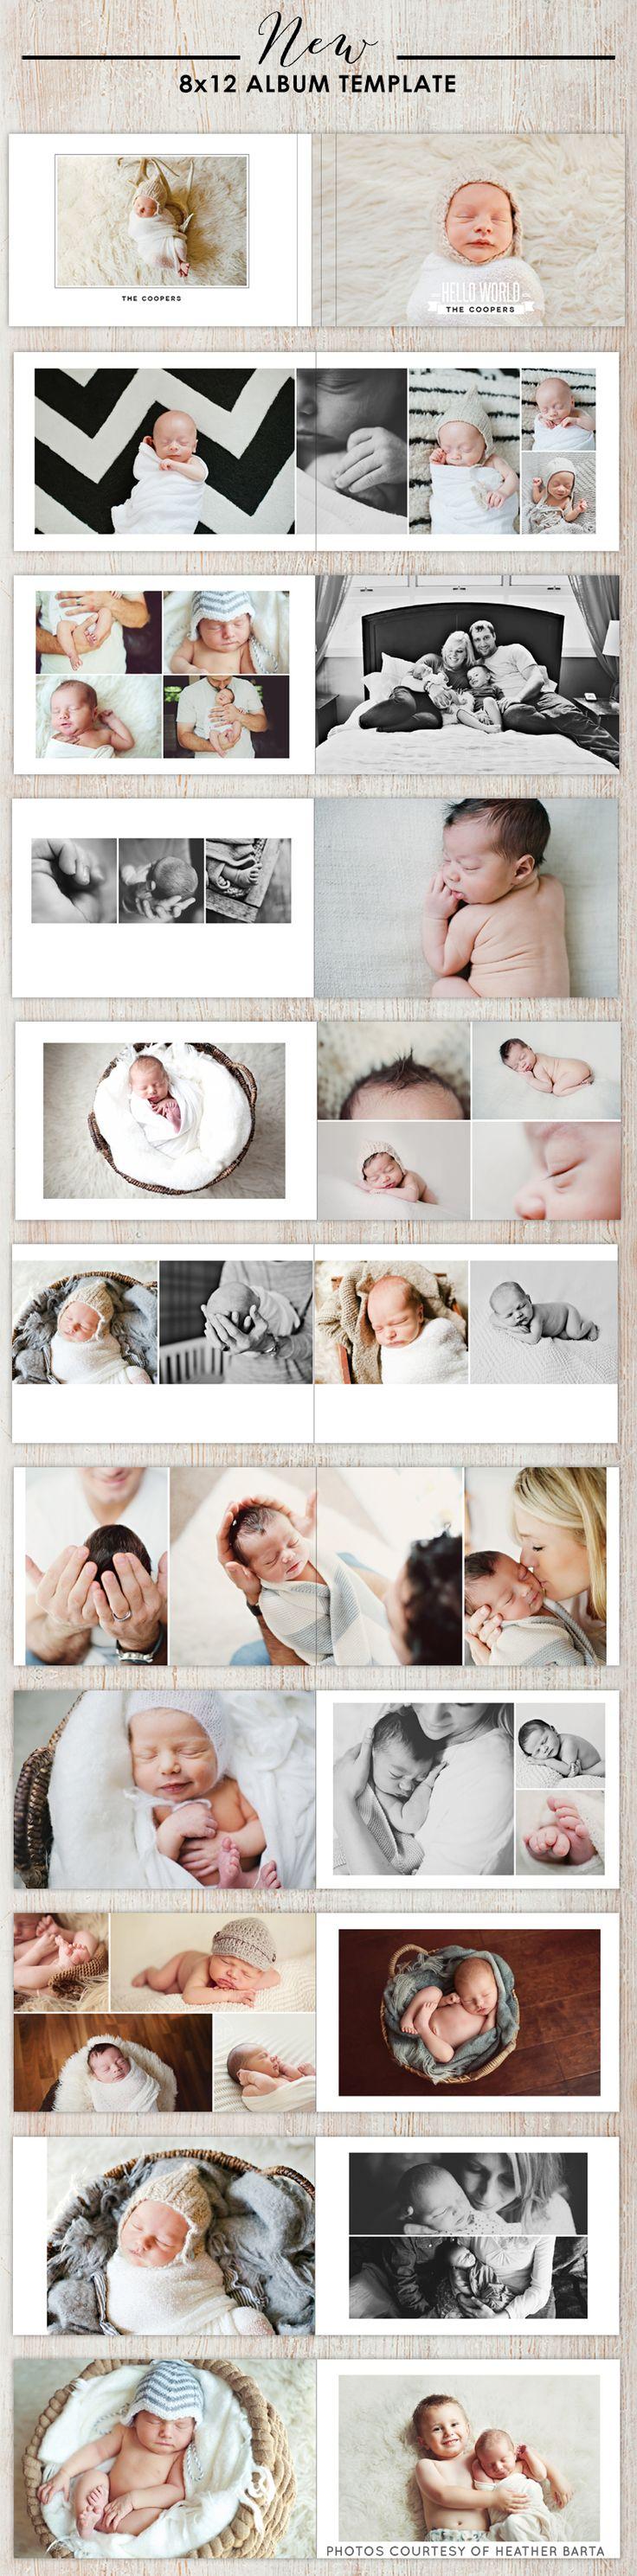 Album bebê